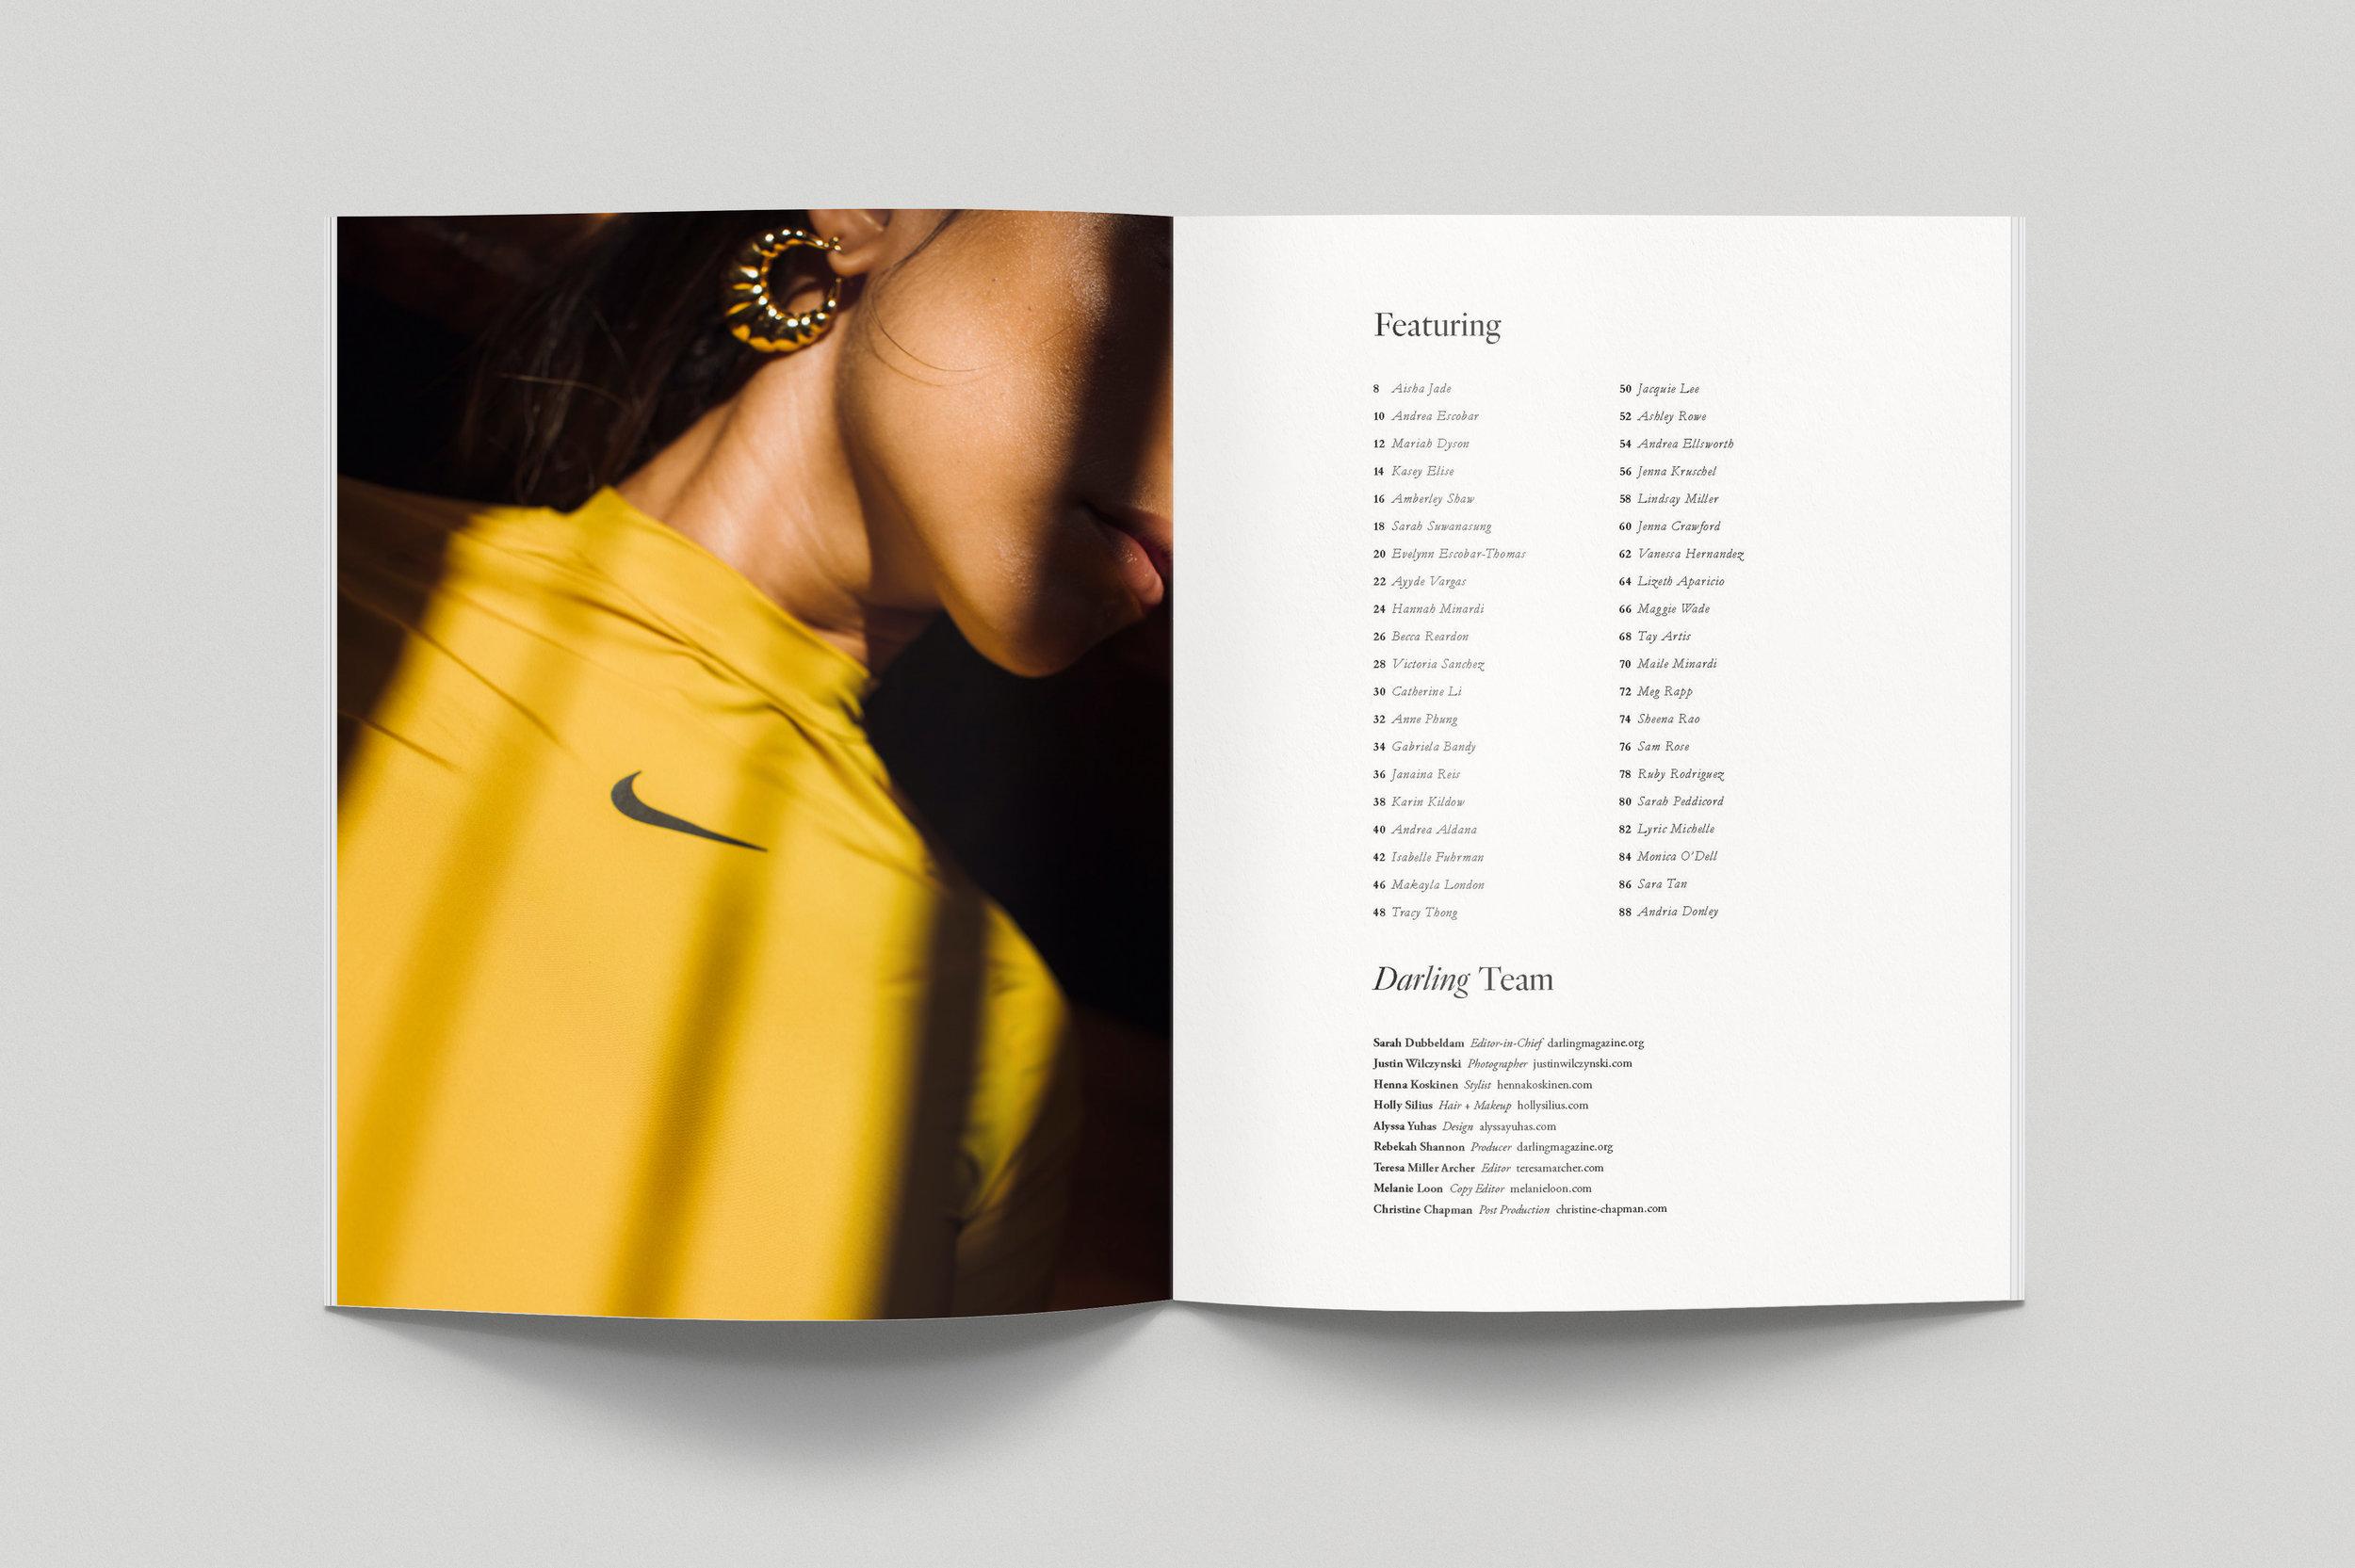 Nike-04.jpg